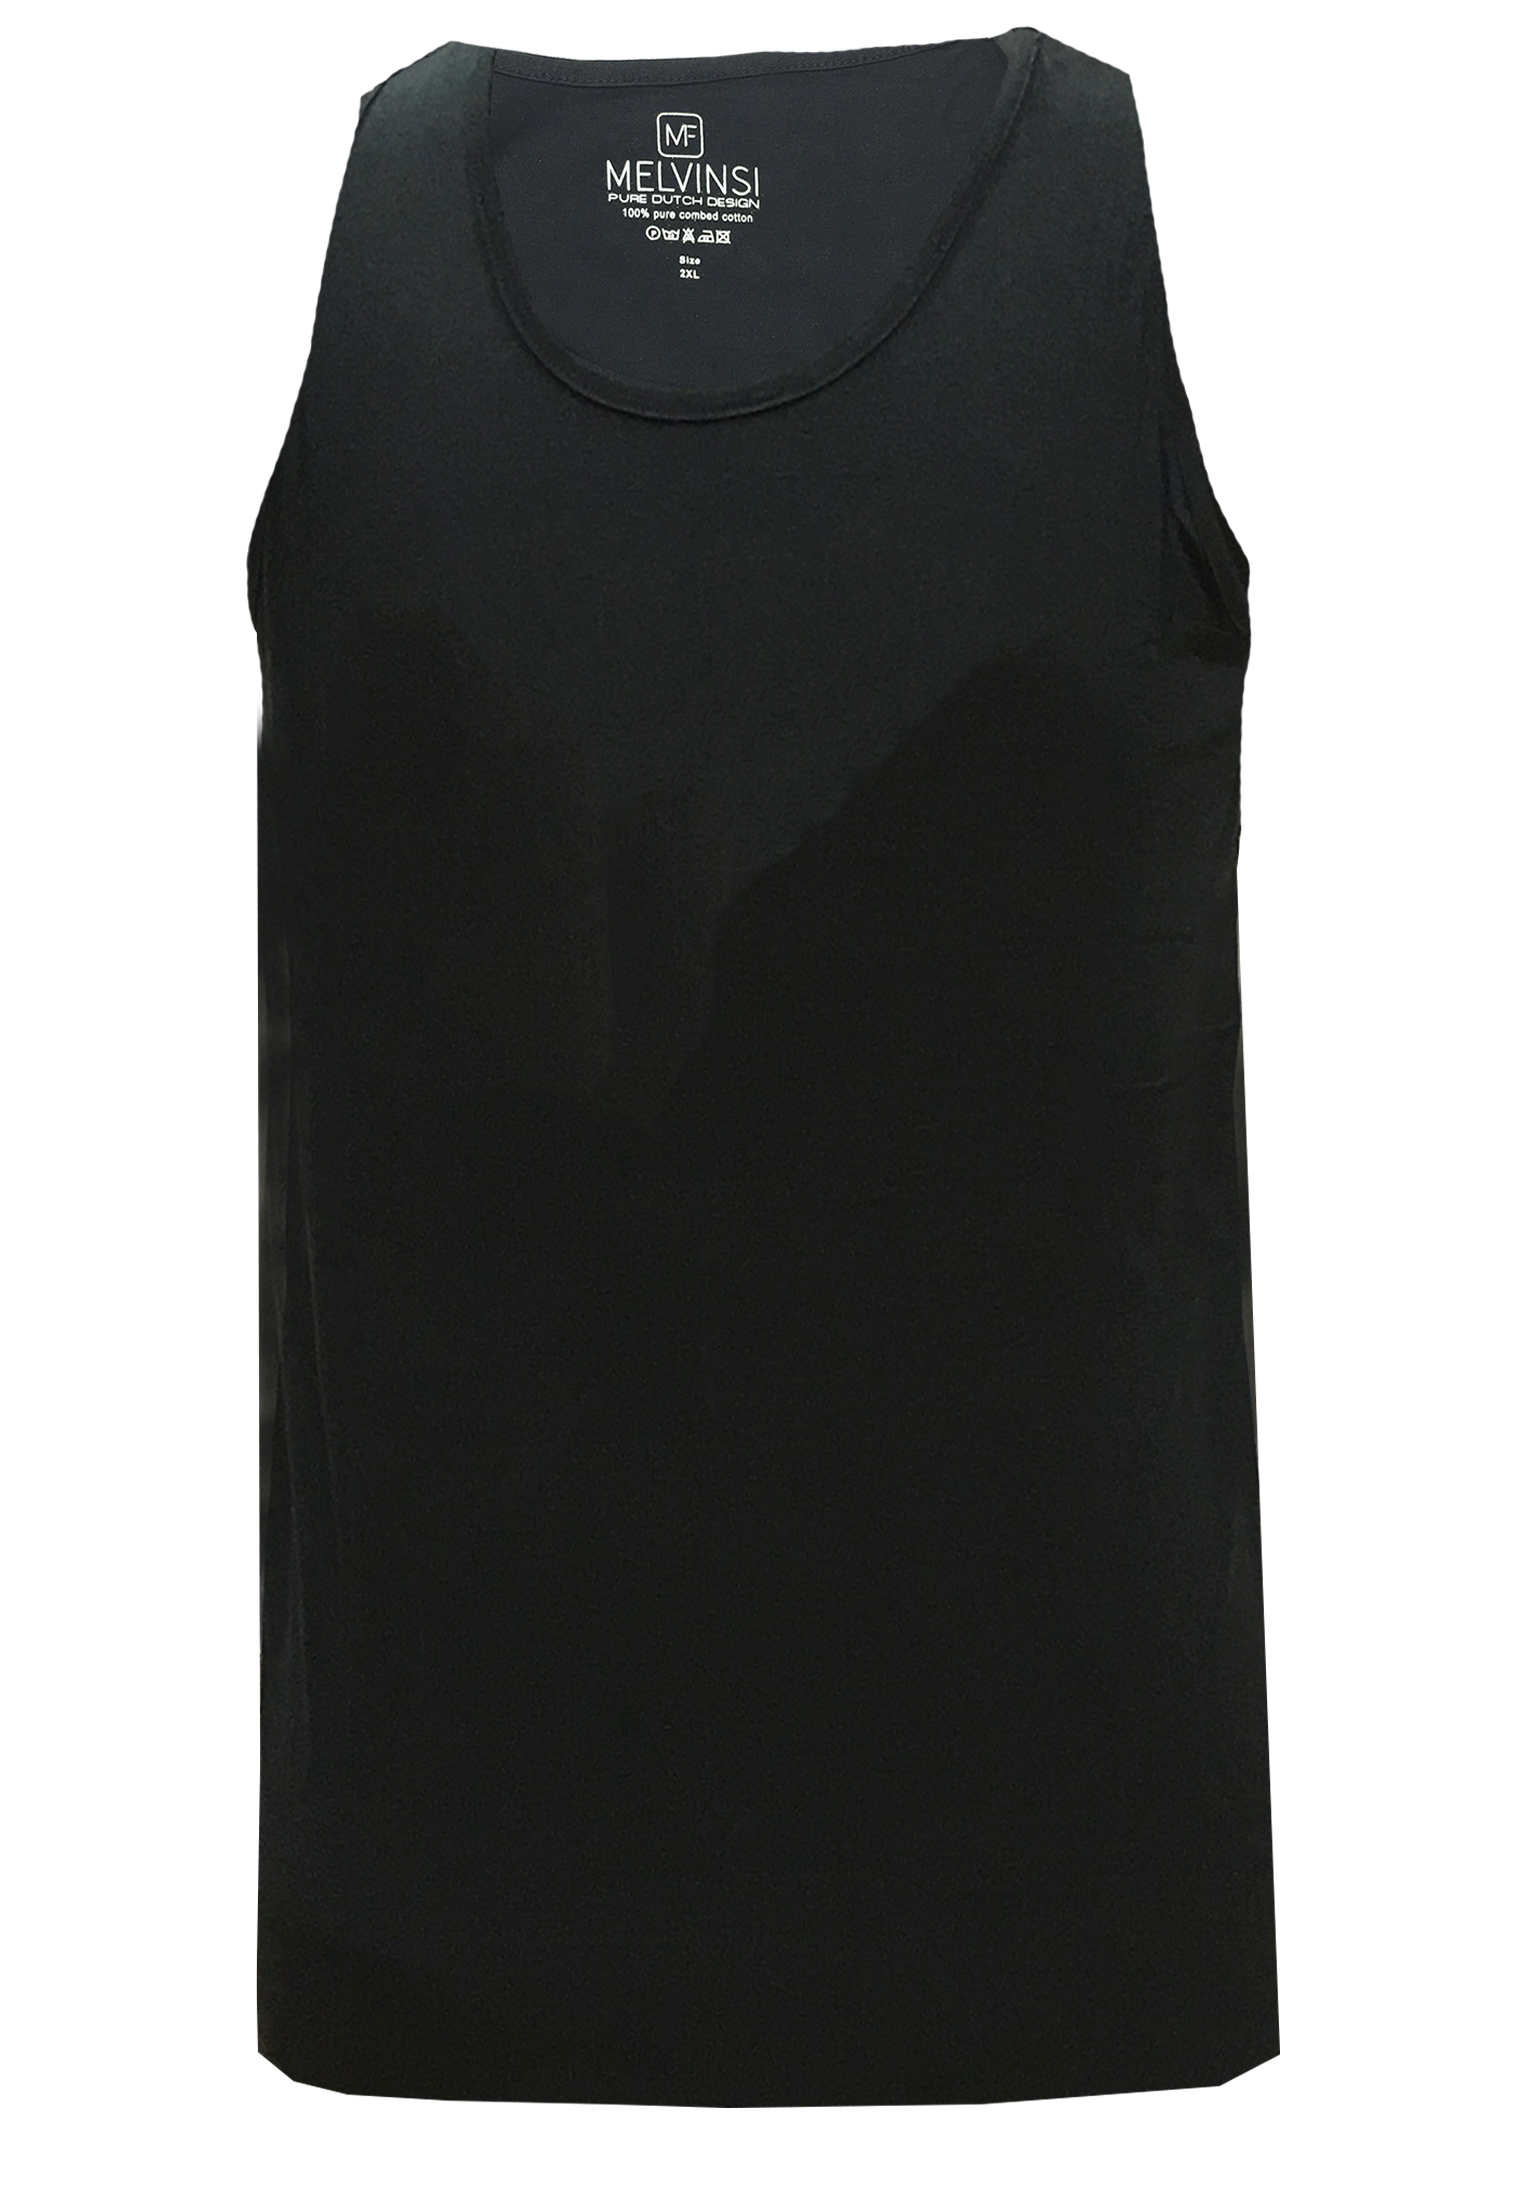 Basic effen tanktop van Melvinsi uitgevoerd in het zwart met ronde hals. Zeer multifunctionele tanktop om te dragen, bijvoorbeeld onder overhemden, T-shirts en truien maar ook ideaal te dragen met de warme dagen, als loungewear of als pyjama shirt.